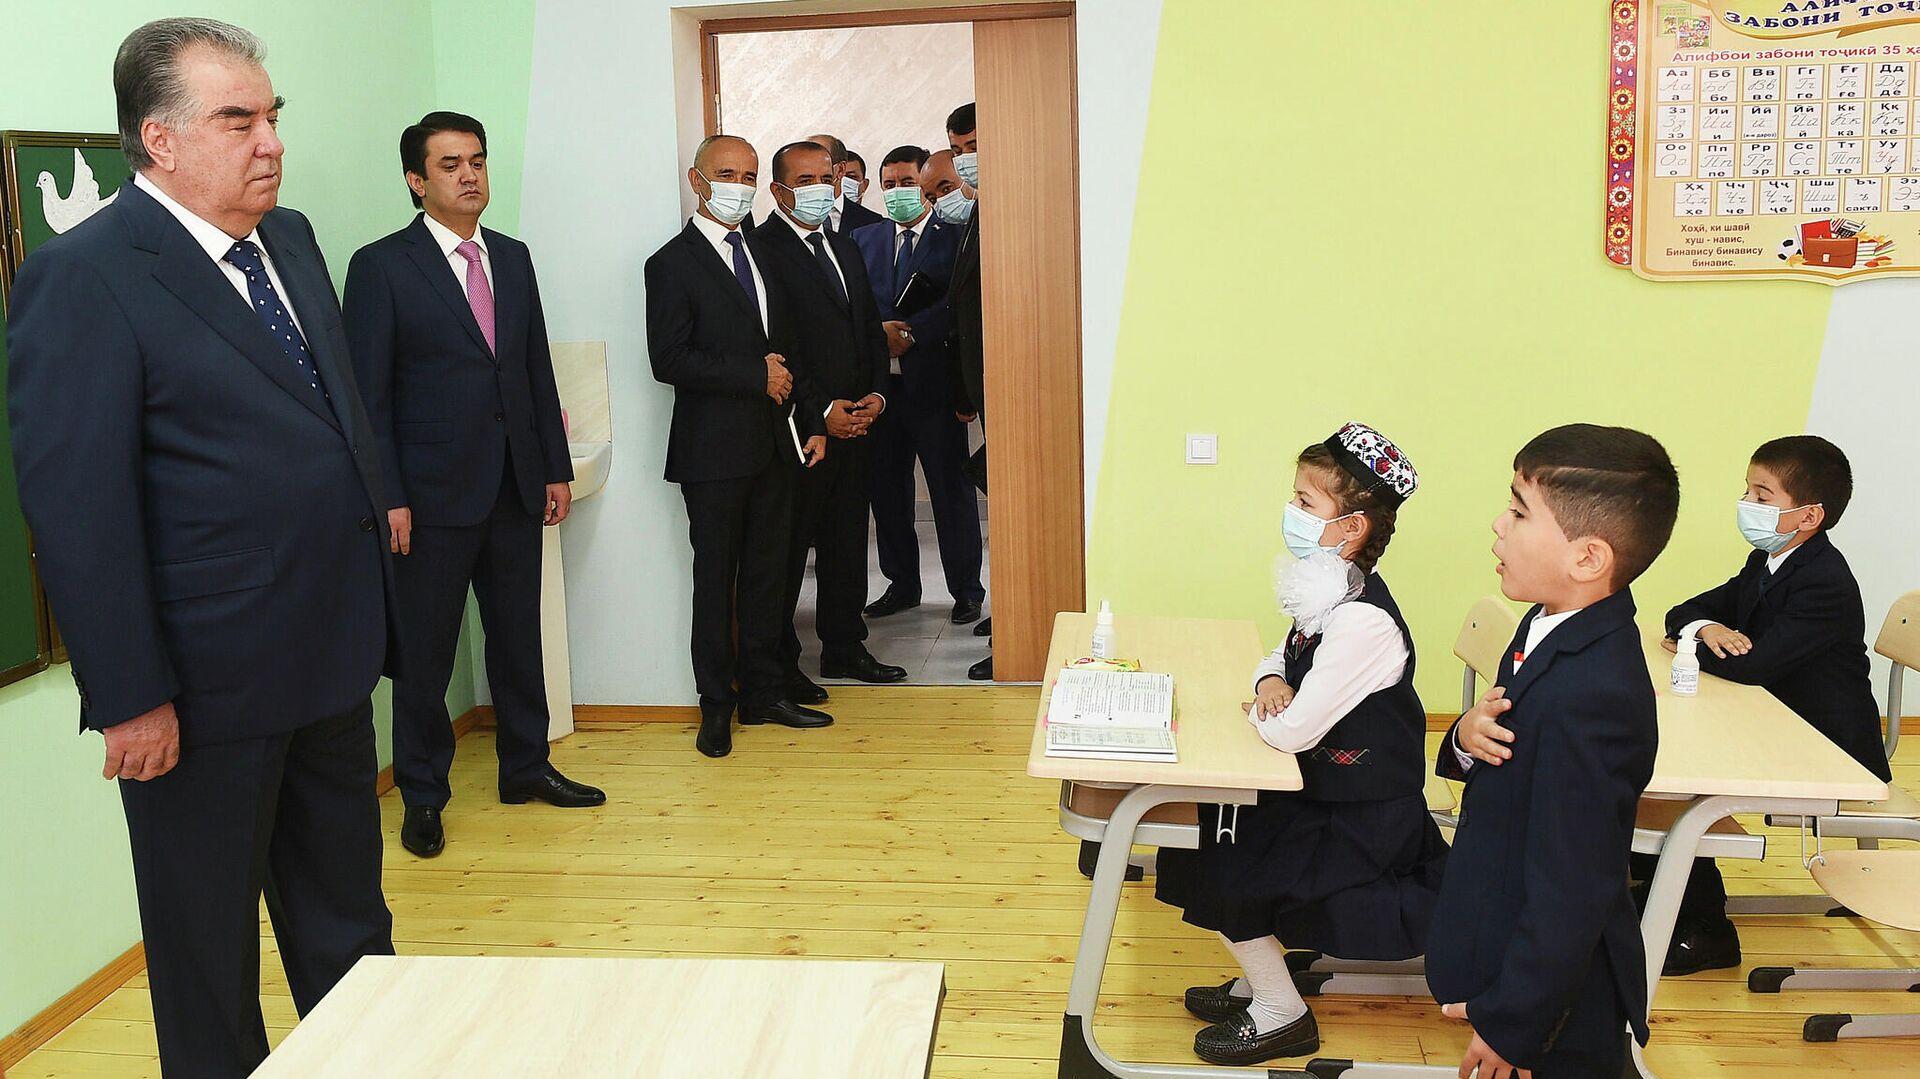 Эмомали Рахмон посетил учеников новой школы в Душанбе - Sputnik Таджикистан, 1920, 01.09.2021